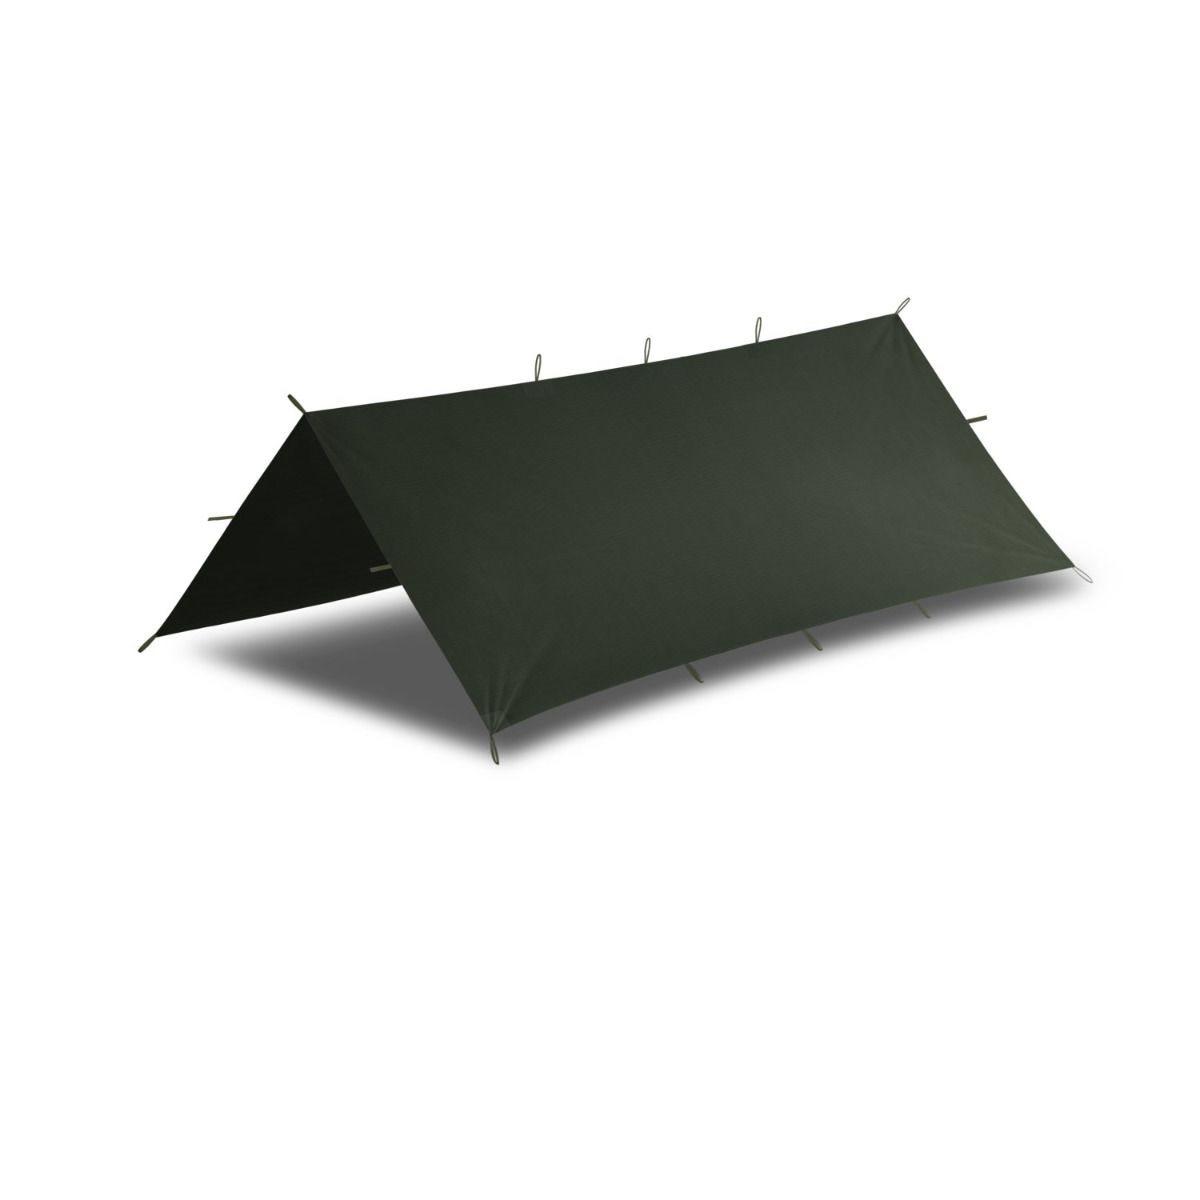 Plachta bivakovací SUPERTARP® malá OLIVE GREEN